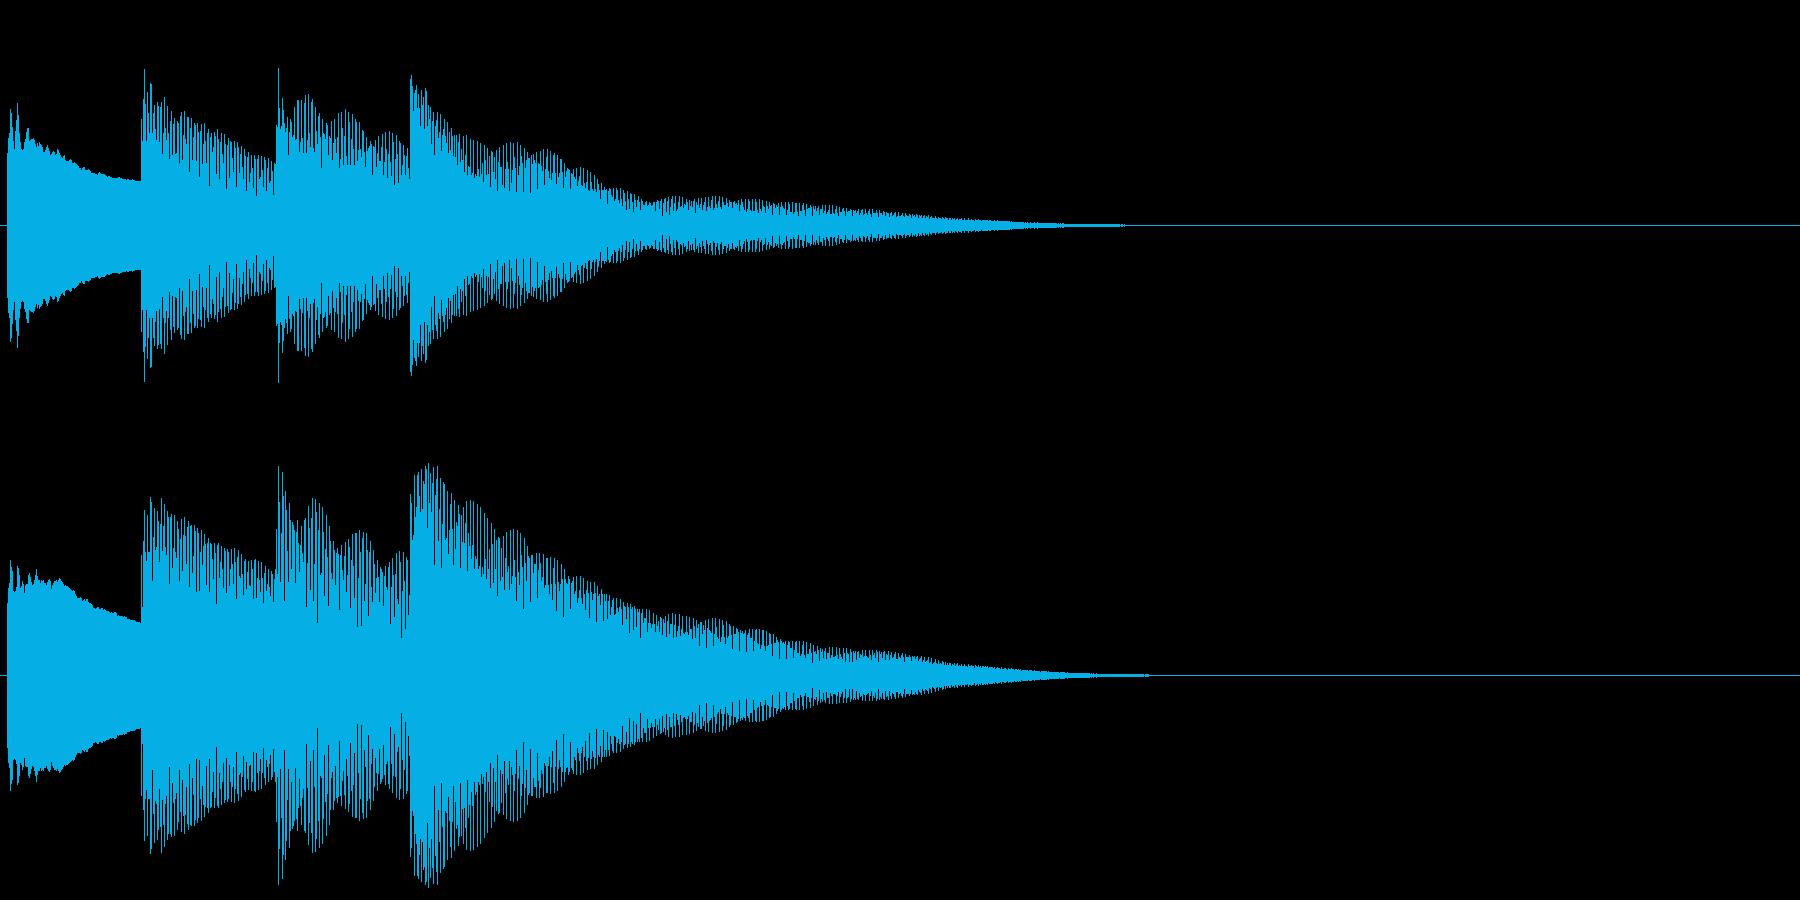 ピンポンパンポン 上昇(館内放送開始)の再生済みの波形